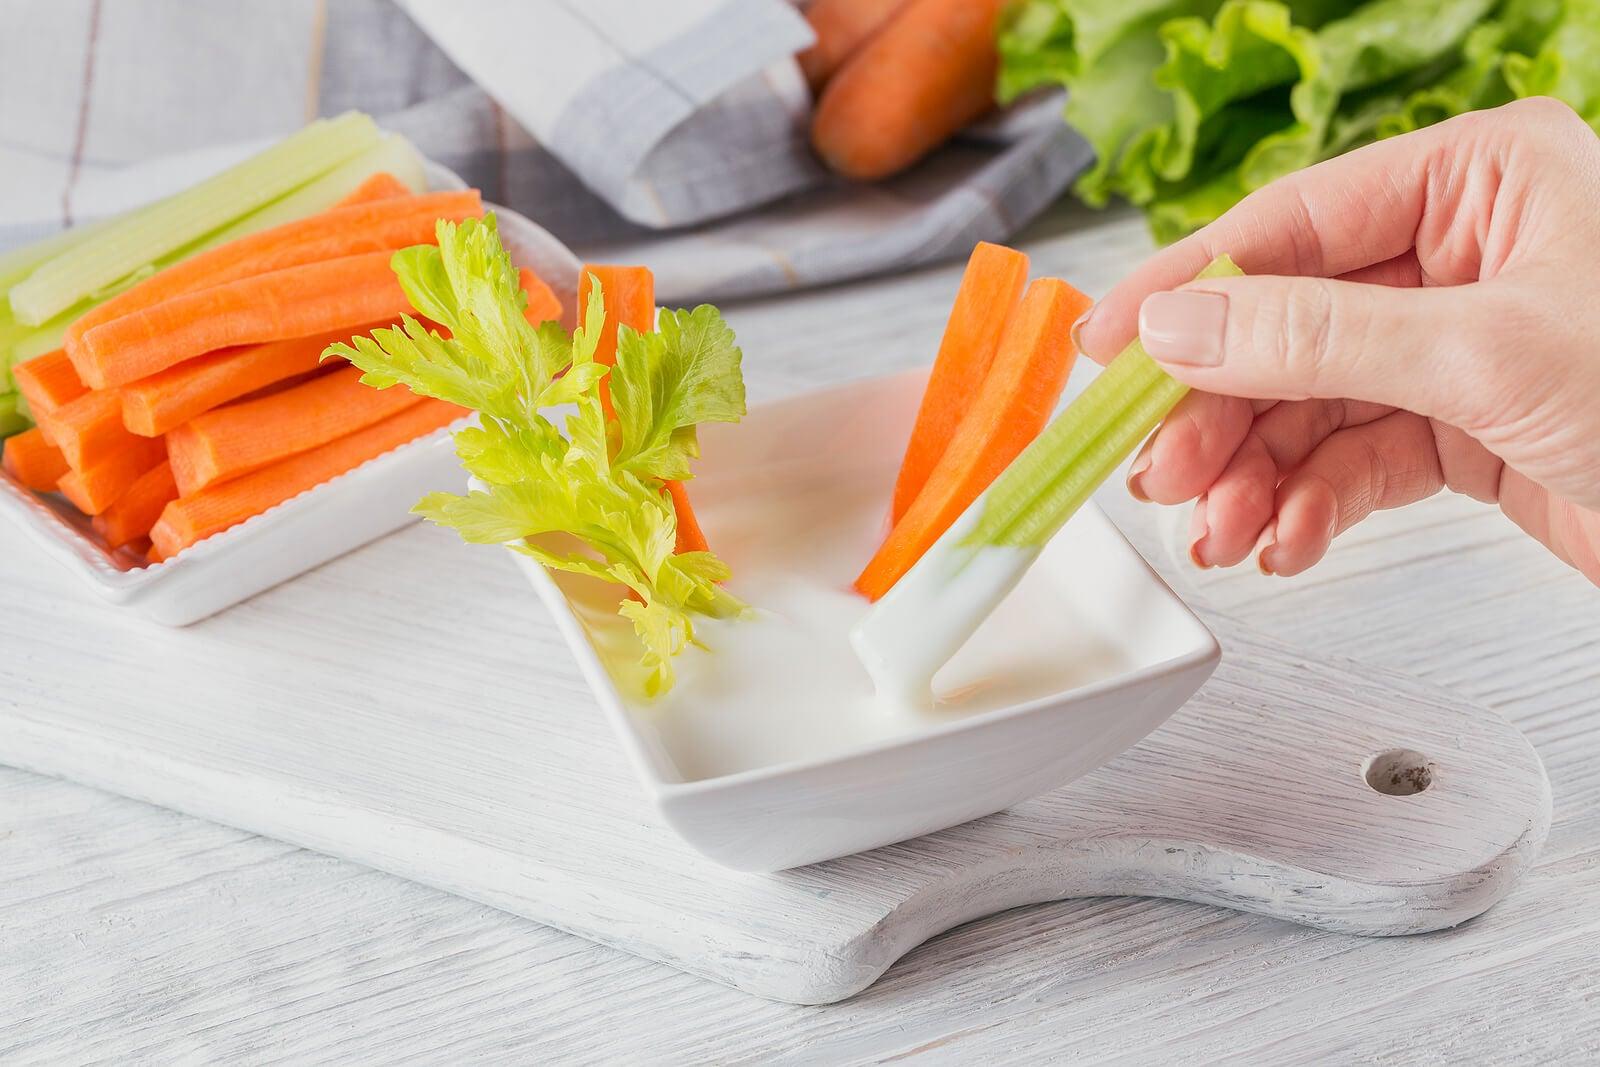 Palitos de apio y zanahoria: snacks saludables.